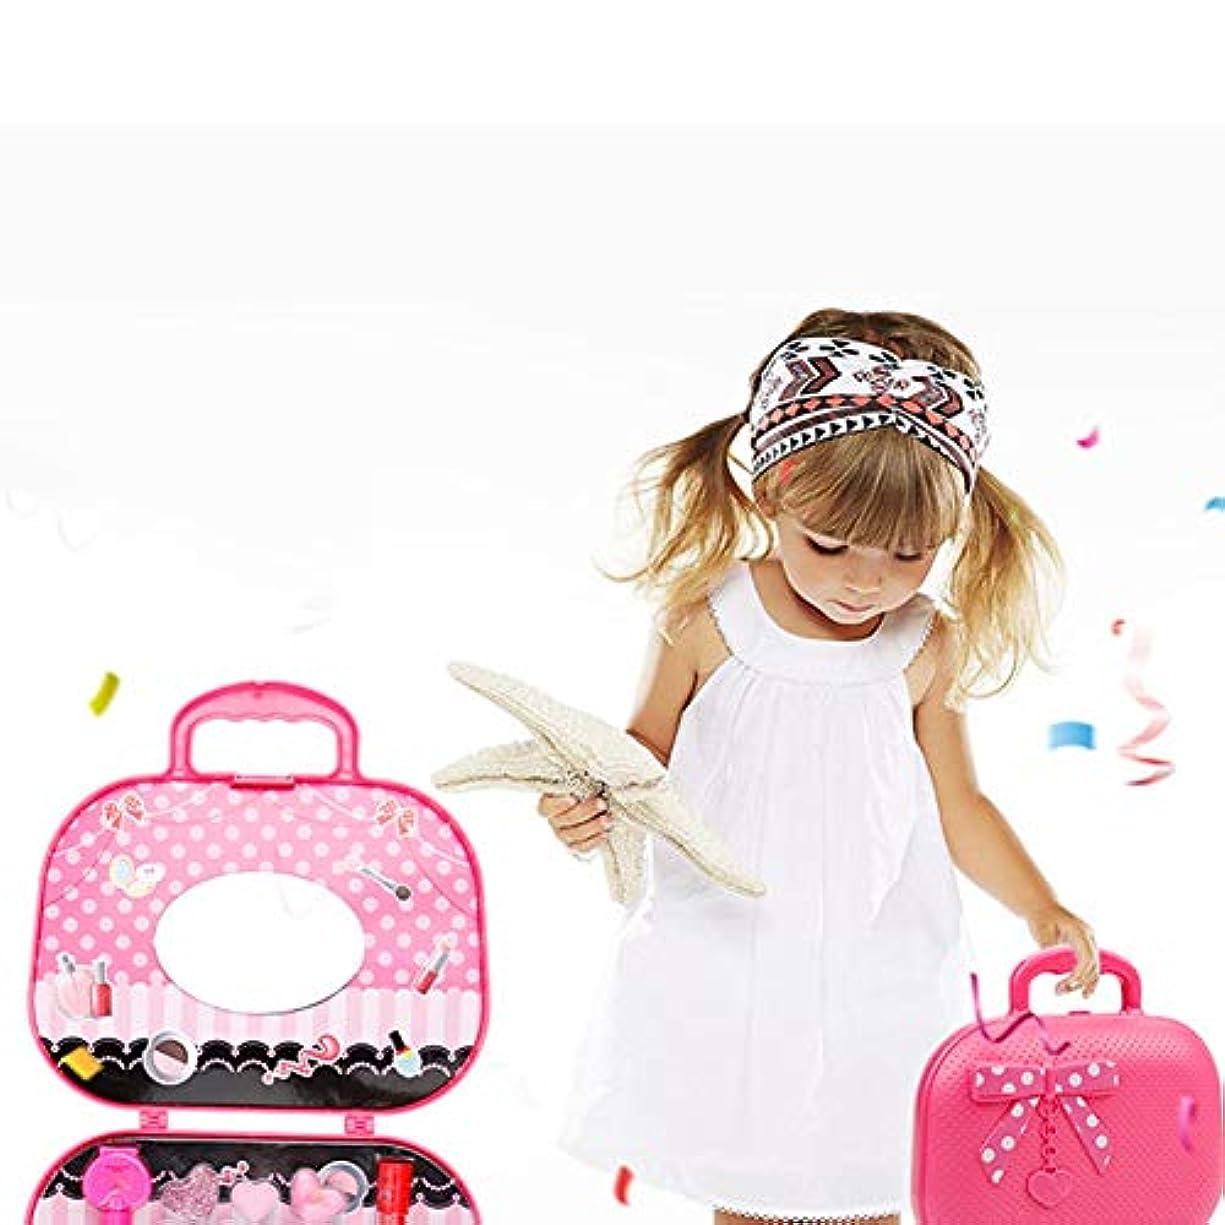 記憶カナダ船形かわいいプリンセスふりメイクセットキッズガールズシミュレーション口紅子供のおもちゃ - ピンク